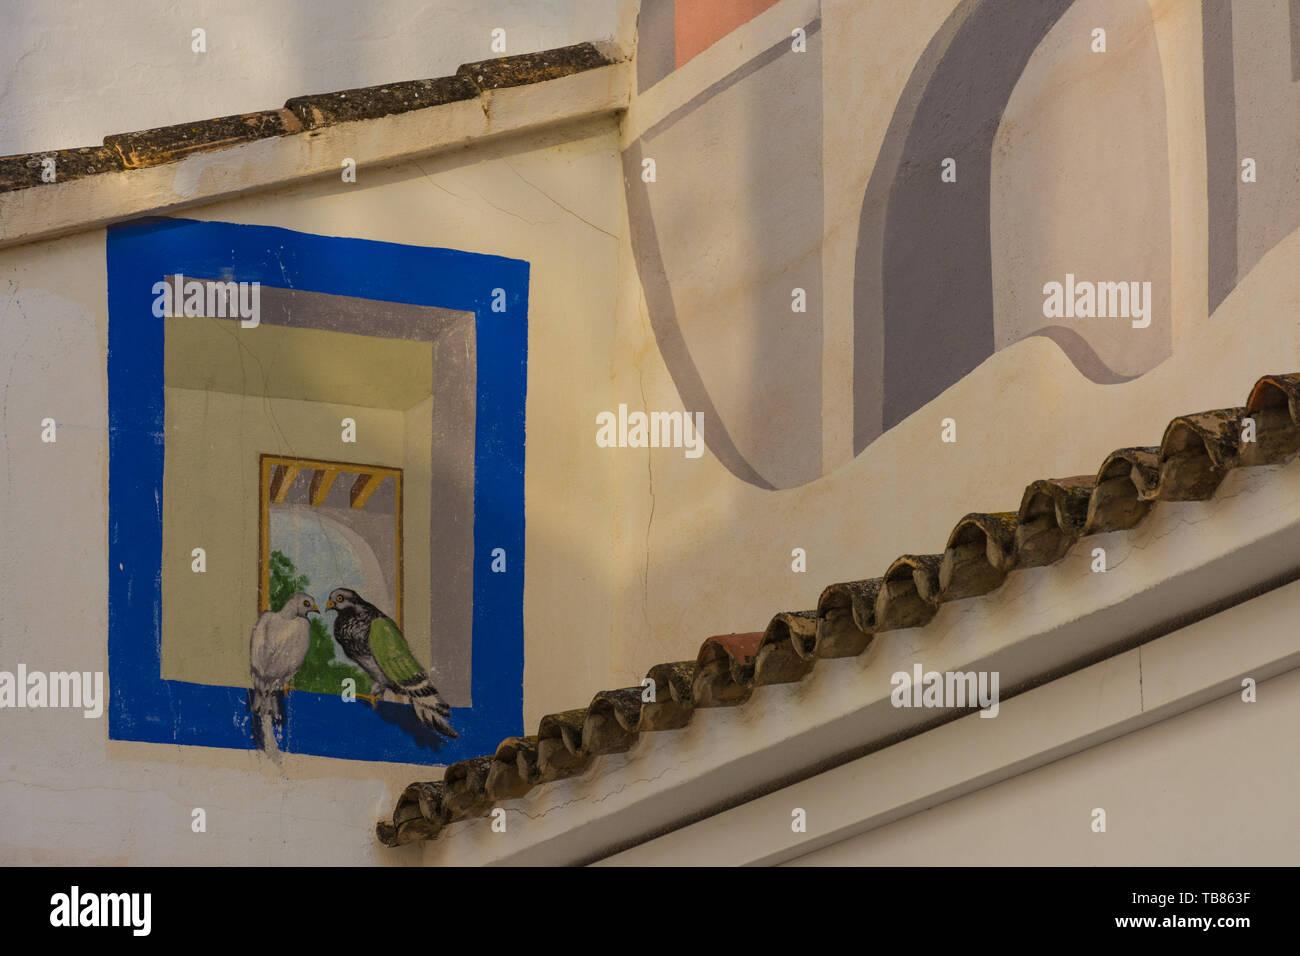 Calpe, Alicante, Espagne. 10 mai 2019: la place de moustiques. Détail dans le mur avec peinture effet visuel. Artiste: Elias Urbez, 1990 Photo Stock